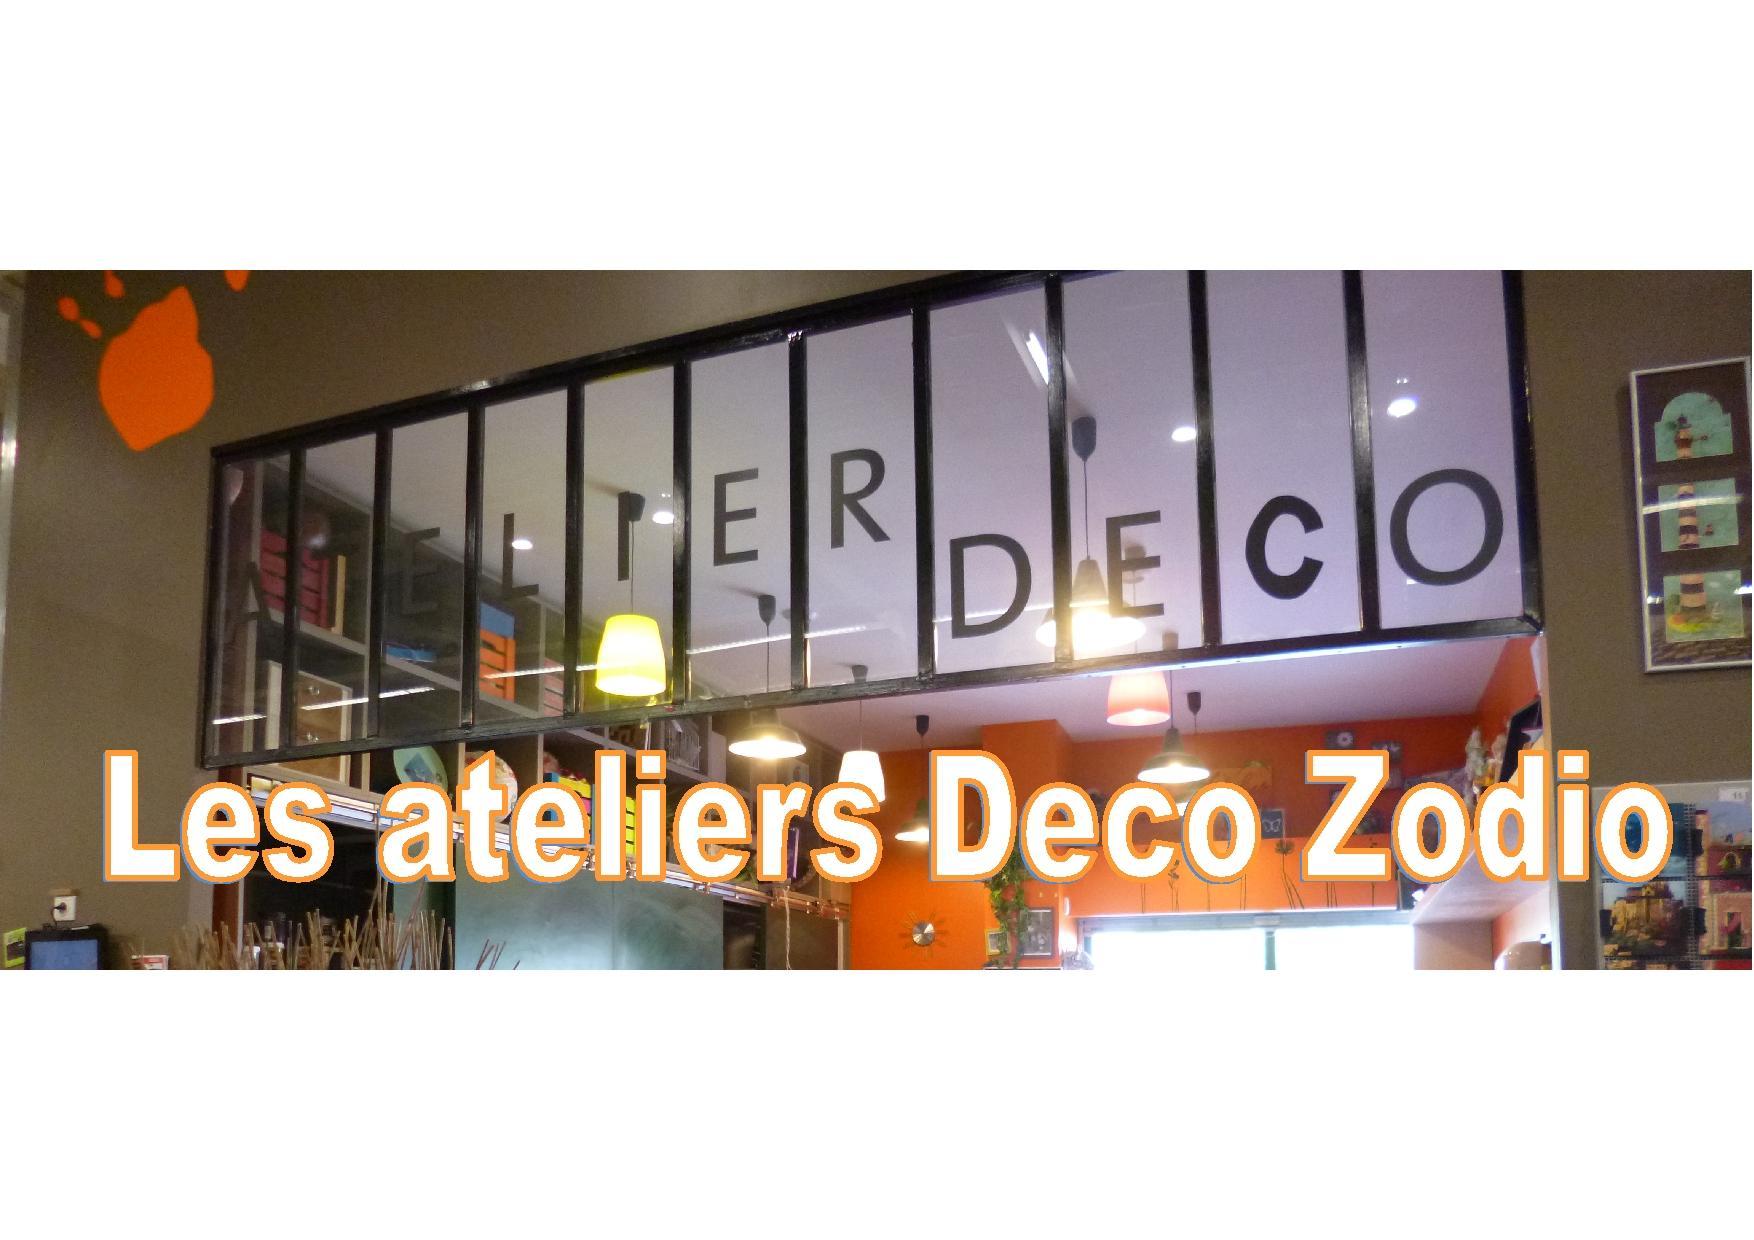 J 39 ai test pour vous les plannings atelier d co blog z dio - Zodio chambourcy atelier cuisine ...